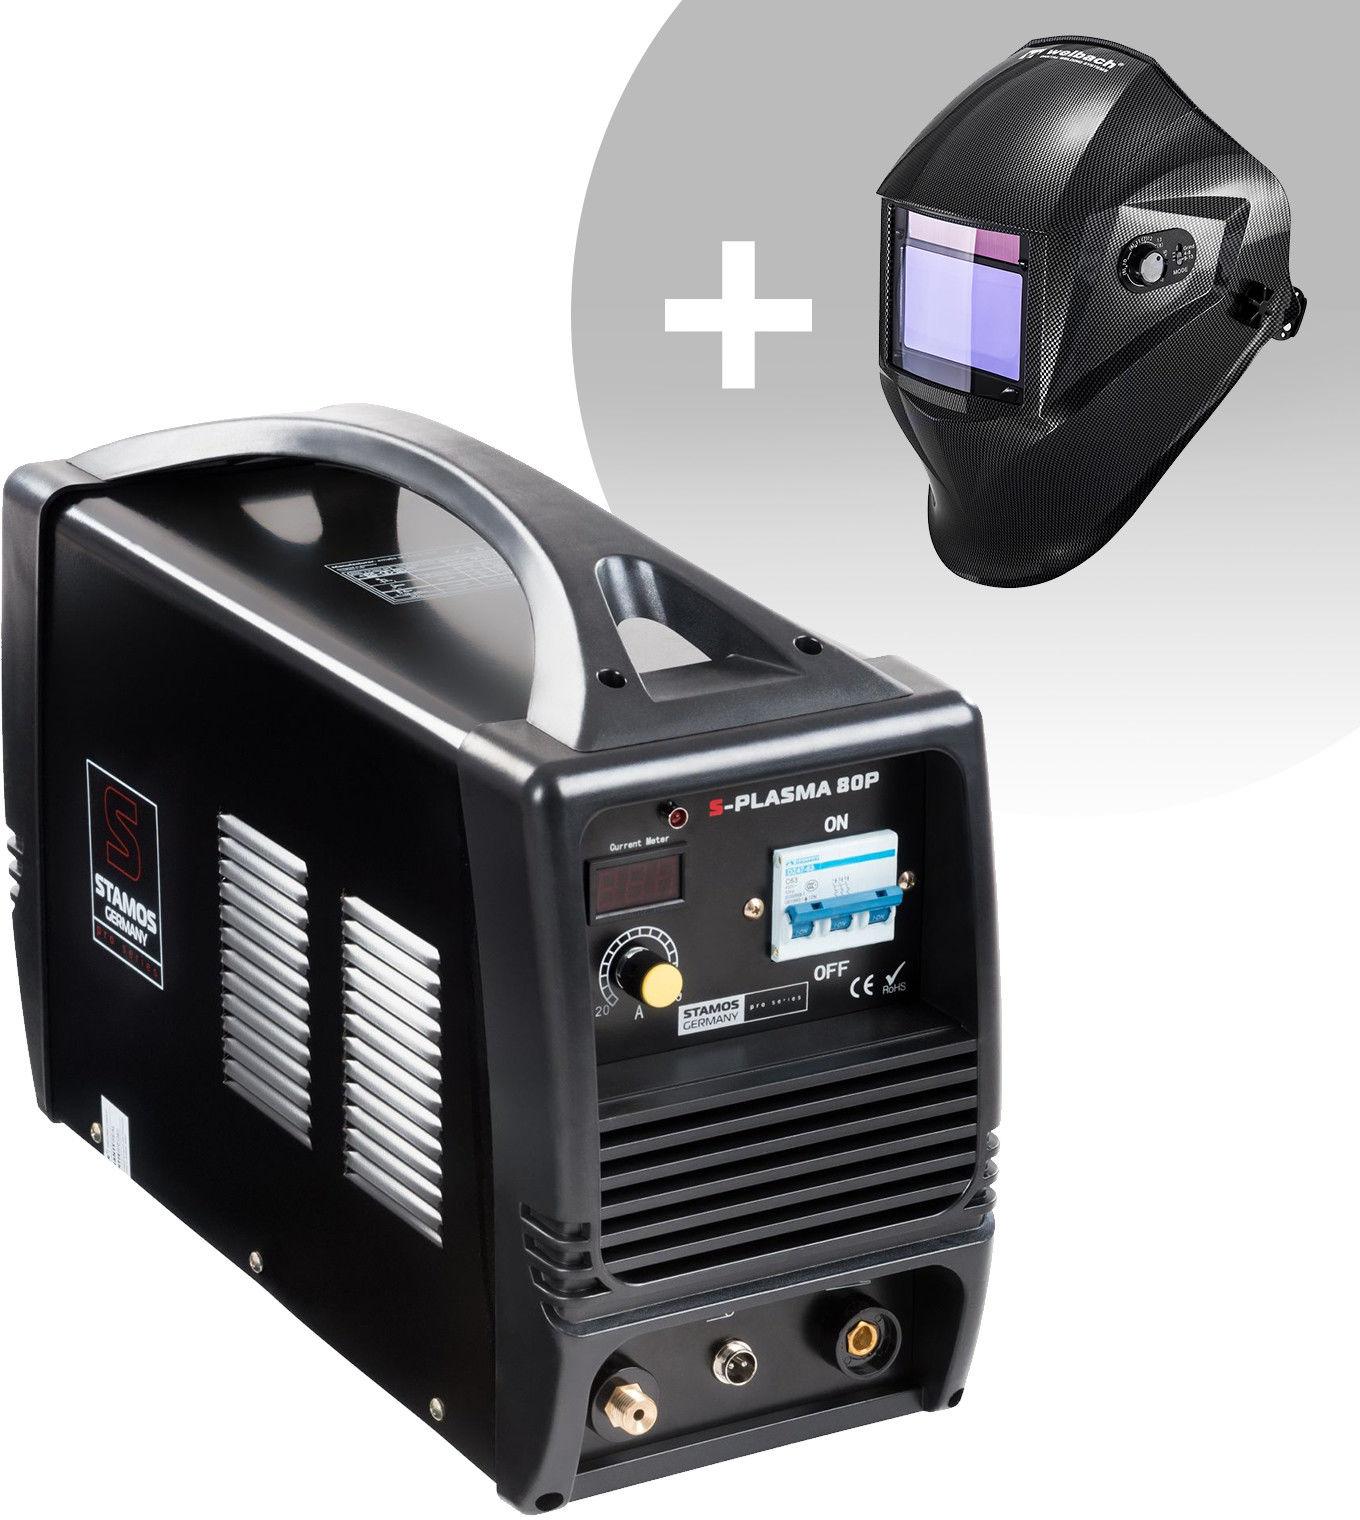 Przecinarka plazmowa Stamos Pro Series S-PLASMA 80P - S-Plasma 80P - 3 LATA GWARANCJI / WYSYŁKA W 24H ZA 0 ZŁ!